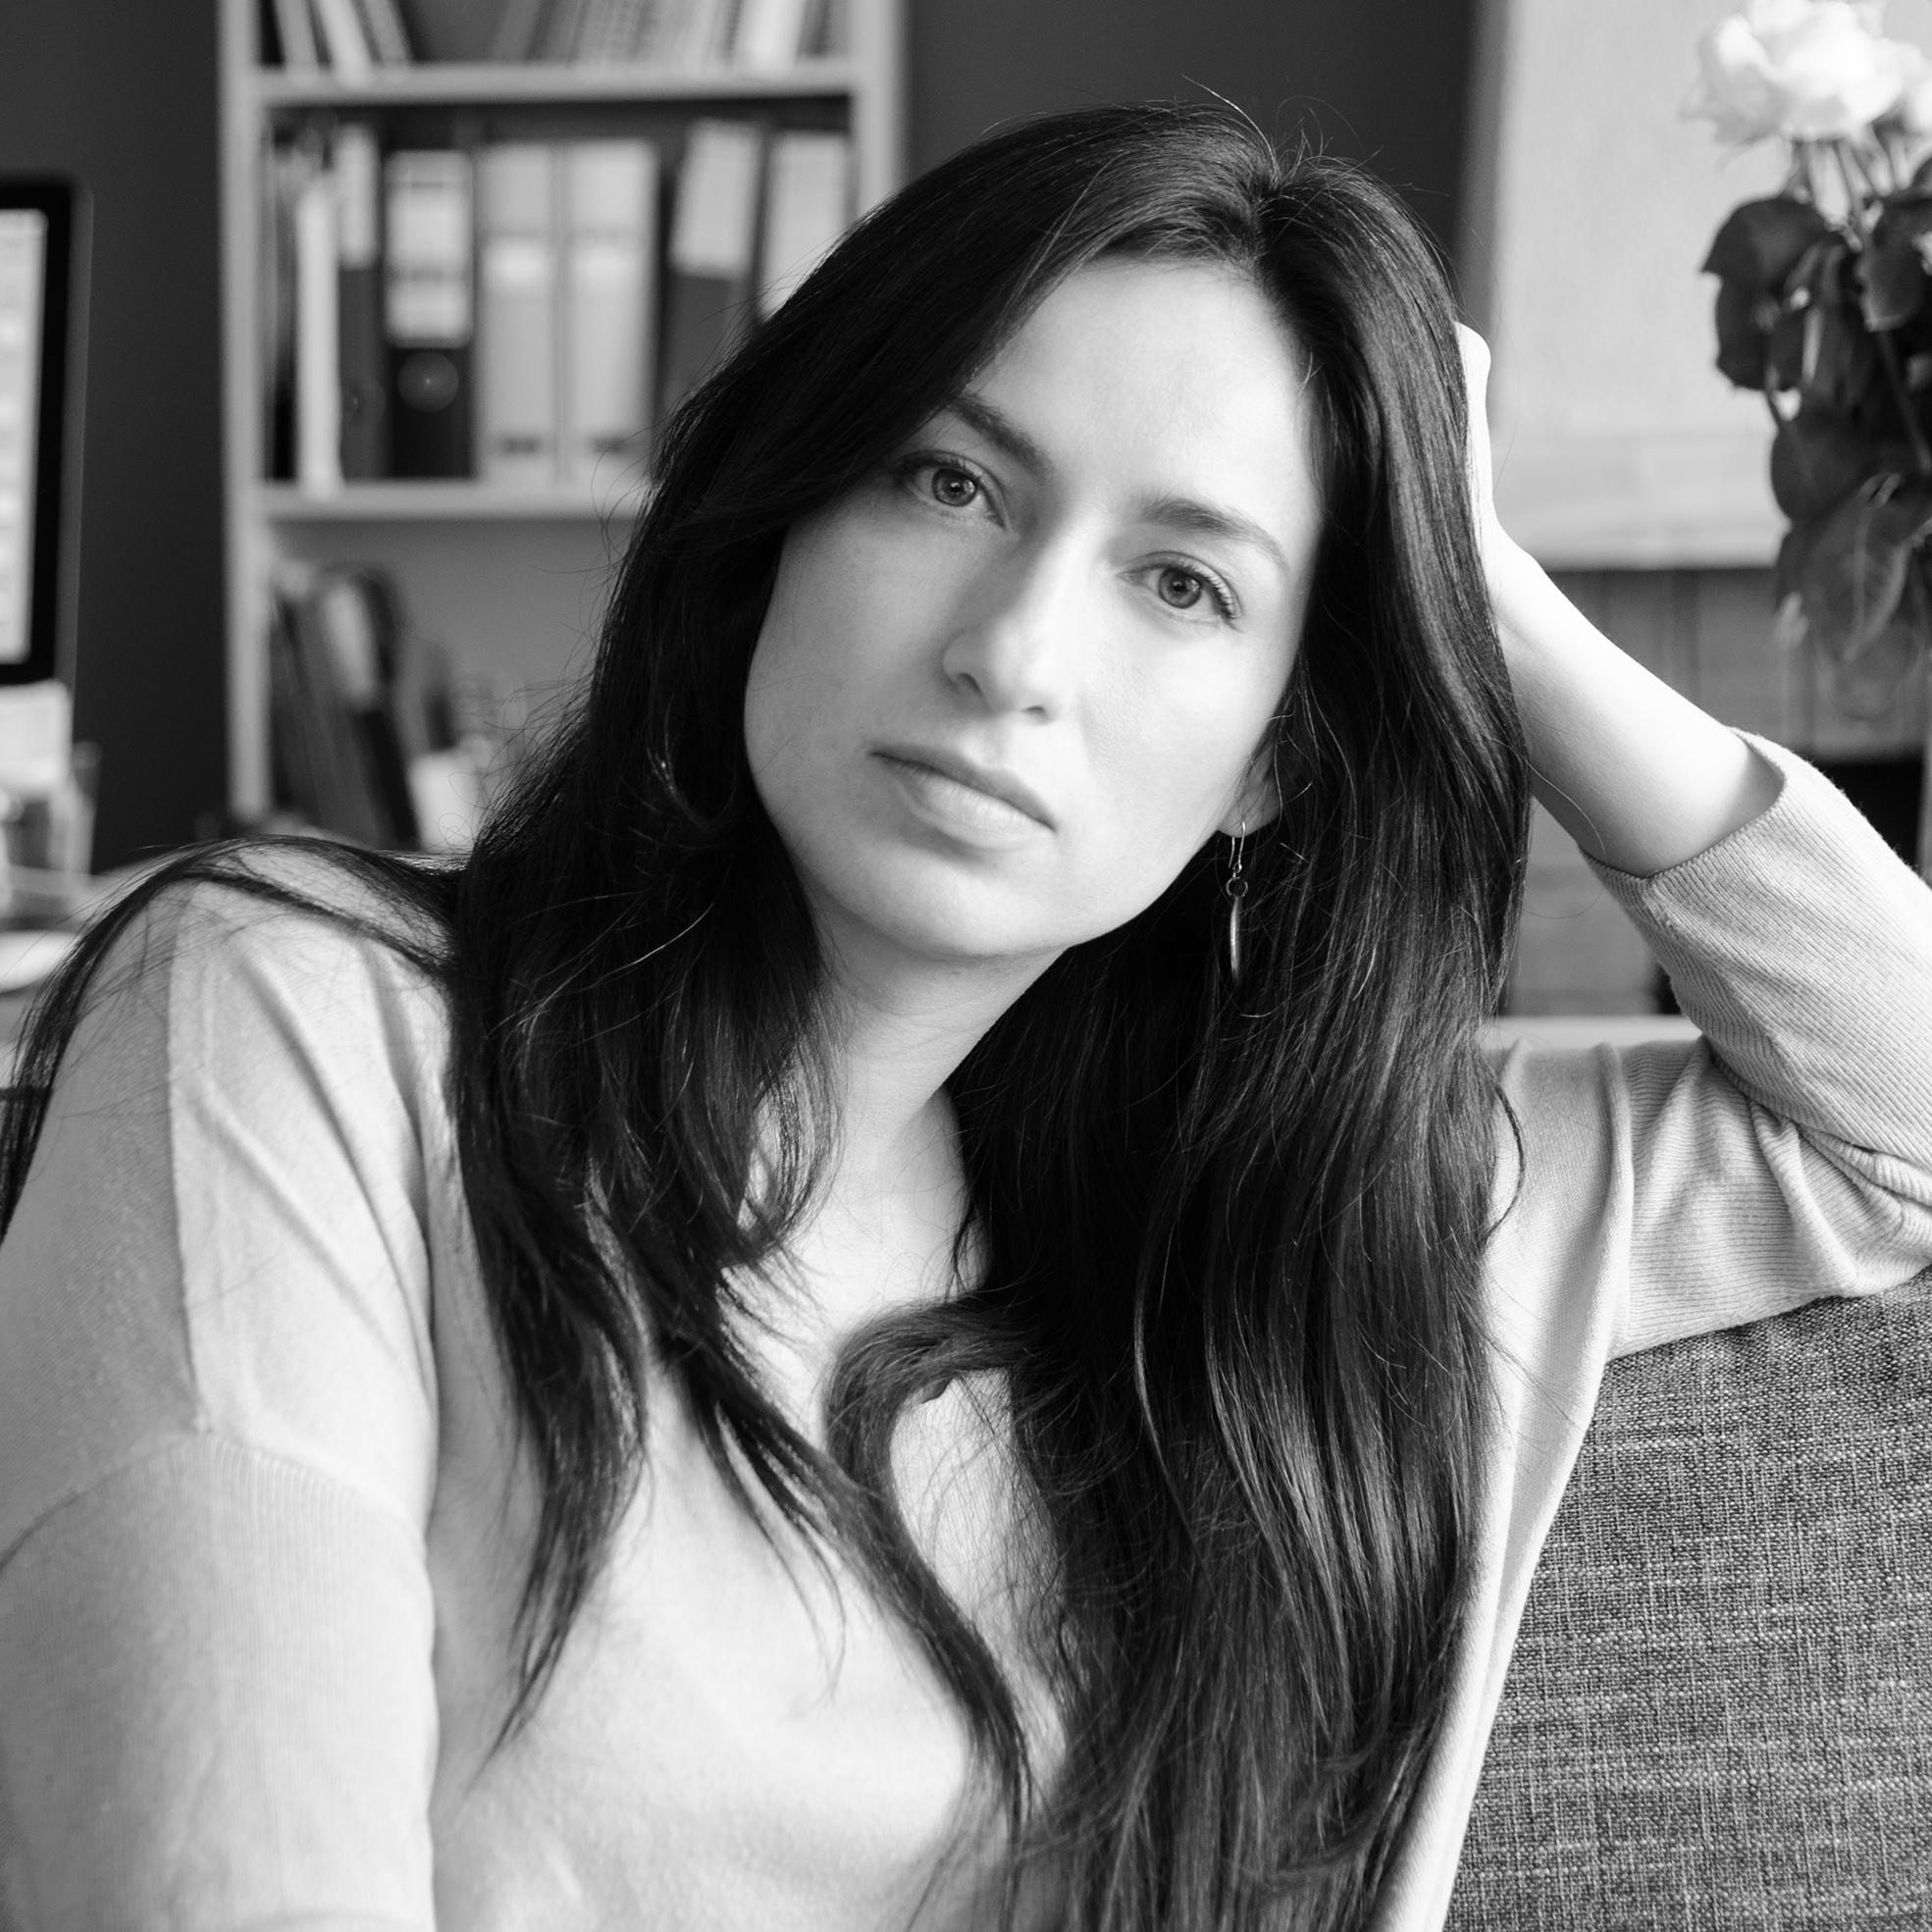 SUSANA OVIEDO  Se graduó con la primera promoción de Diseño en la PUCE, realizó una maestría en Bellas Artes en Reino Unido y ha seguido talleres de ilustración, técnicas de impresión, orfebrería, vitrofusión, cerámica y encuadernación en Ecuador y en otros países. Es directora creativa de arte e ilustración y tiene a su cargo el área gráfica de la organización.